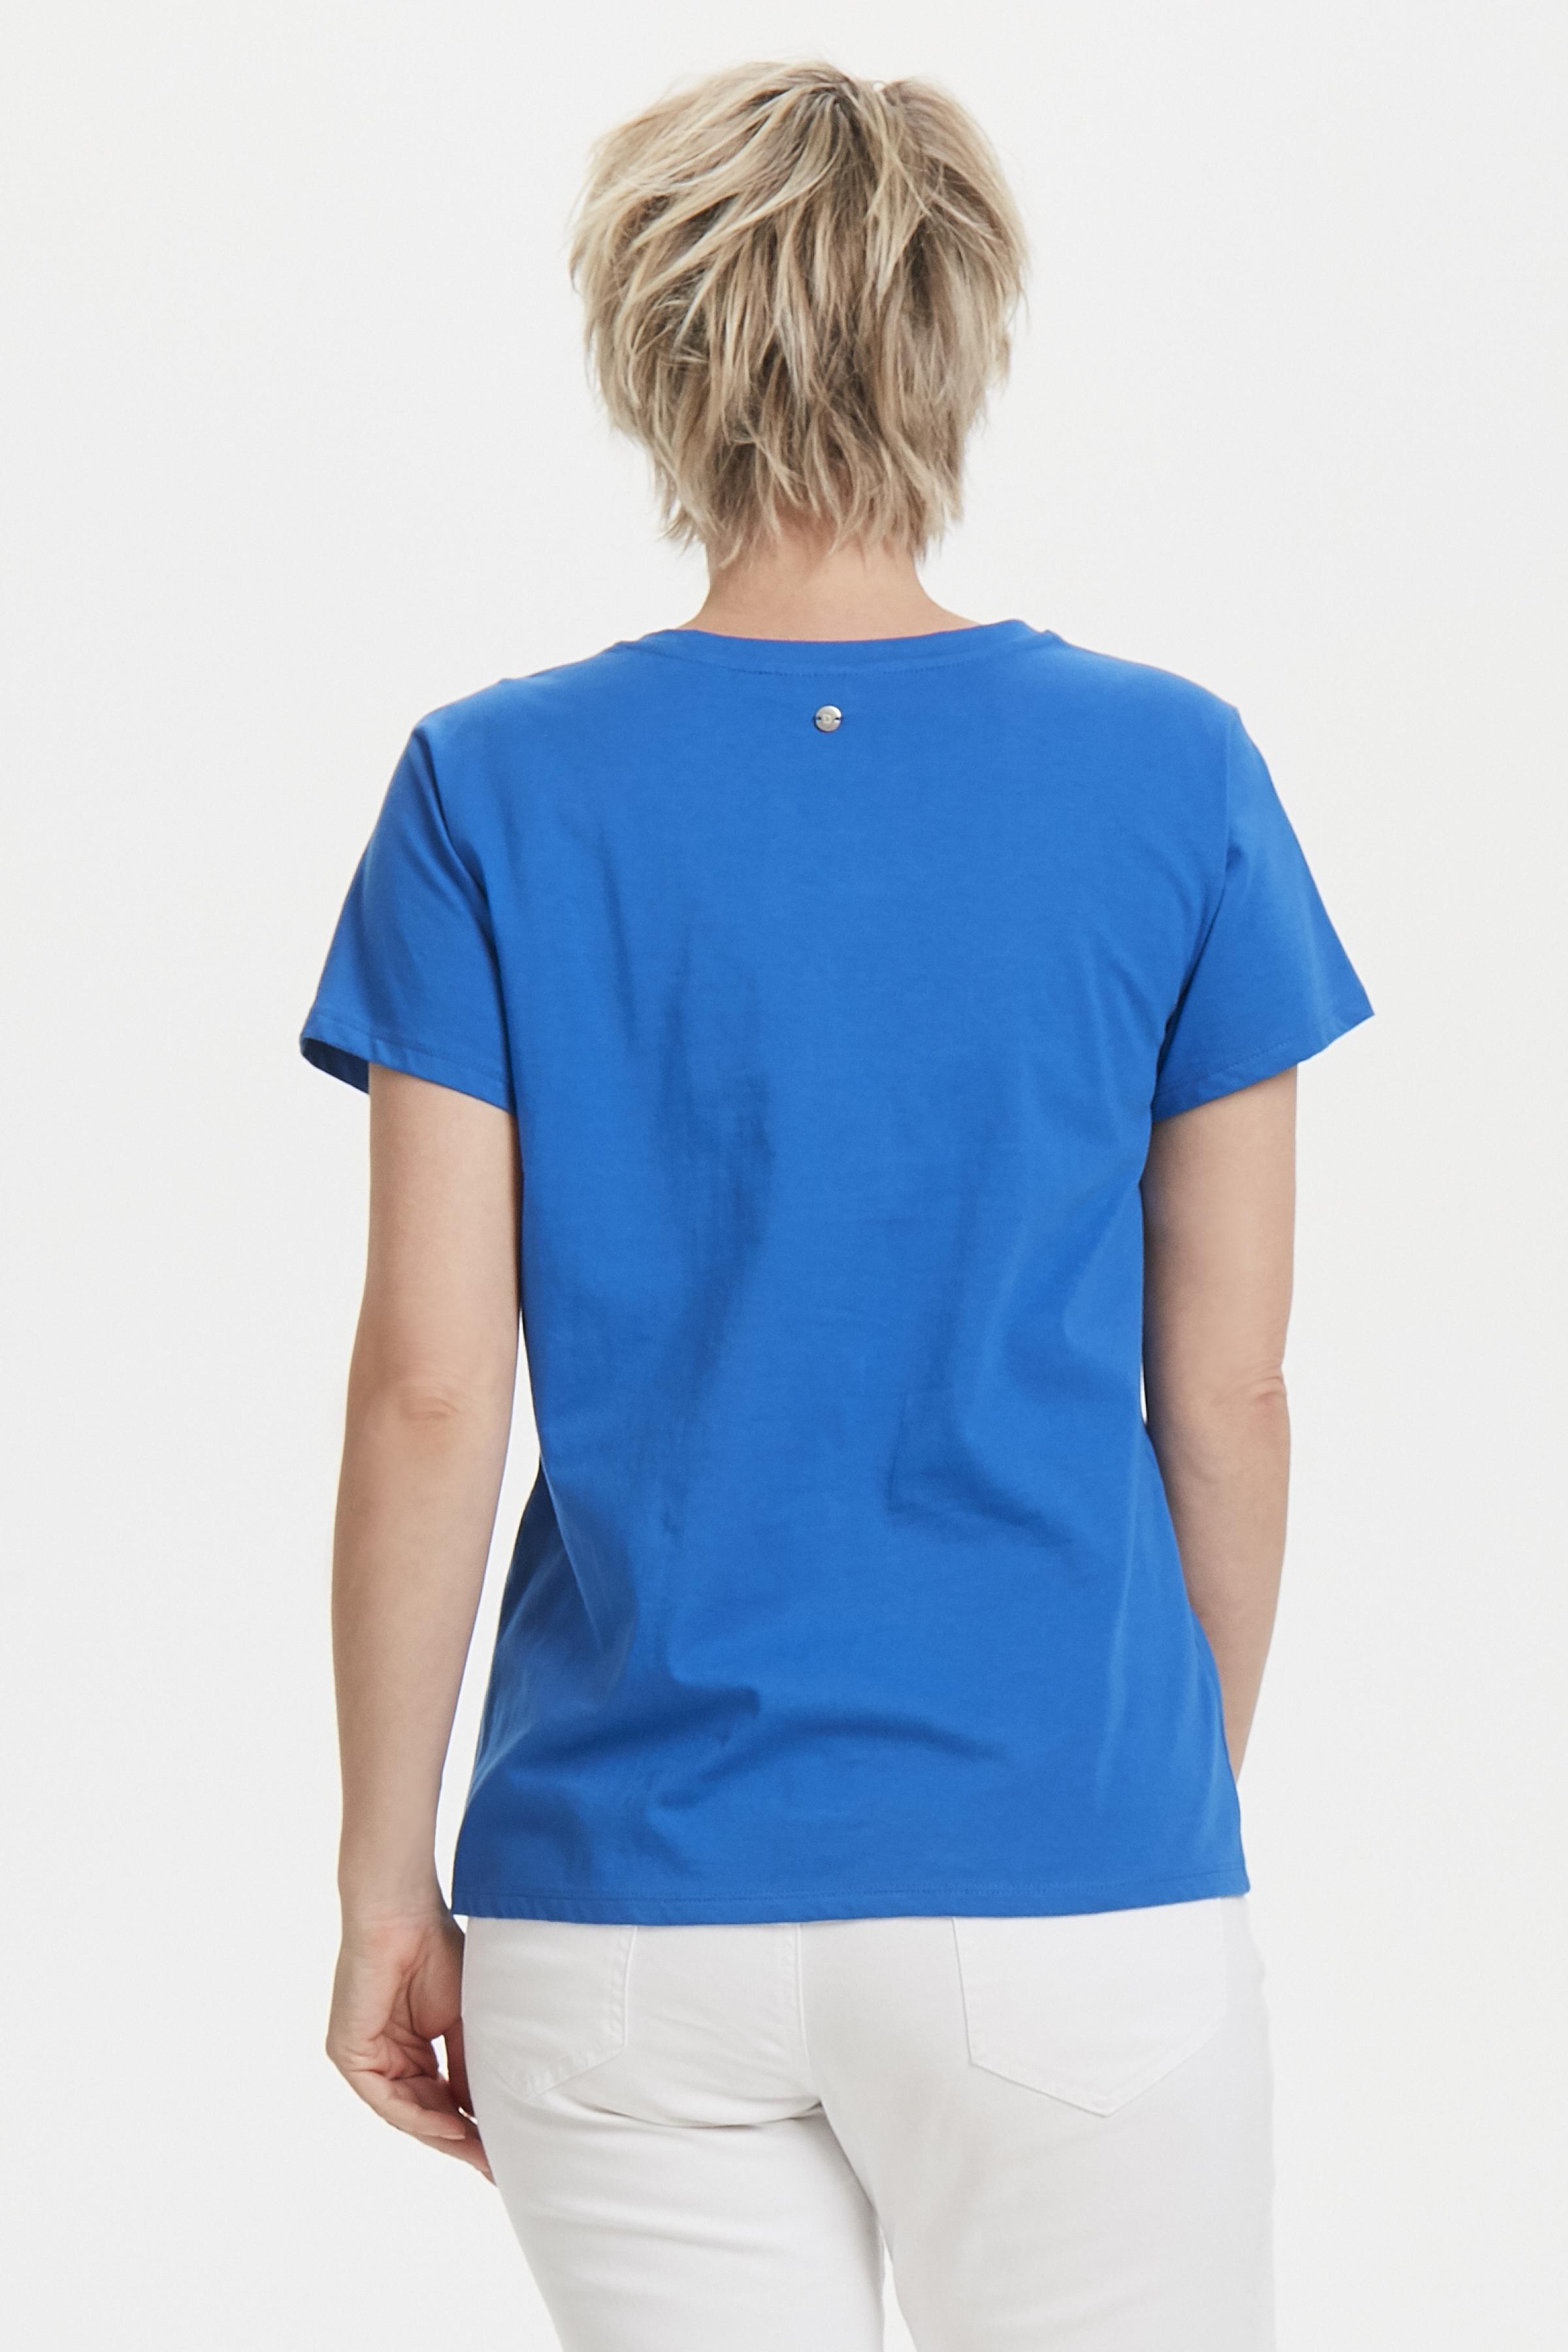 Blauw T-shirt korte mouw van Dranella – Door Blauw T-shirt korte mouw van maat. XS-XXL hier